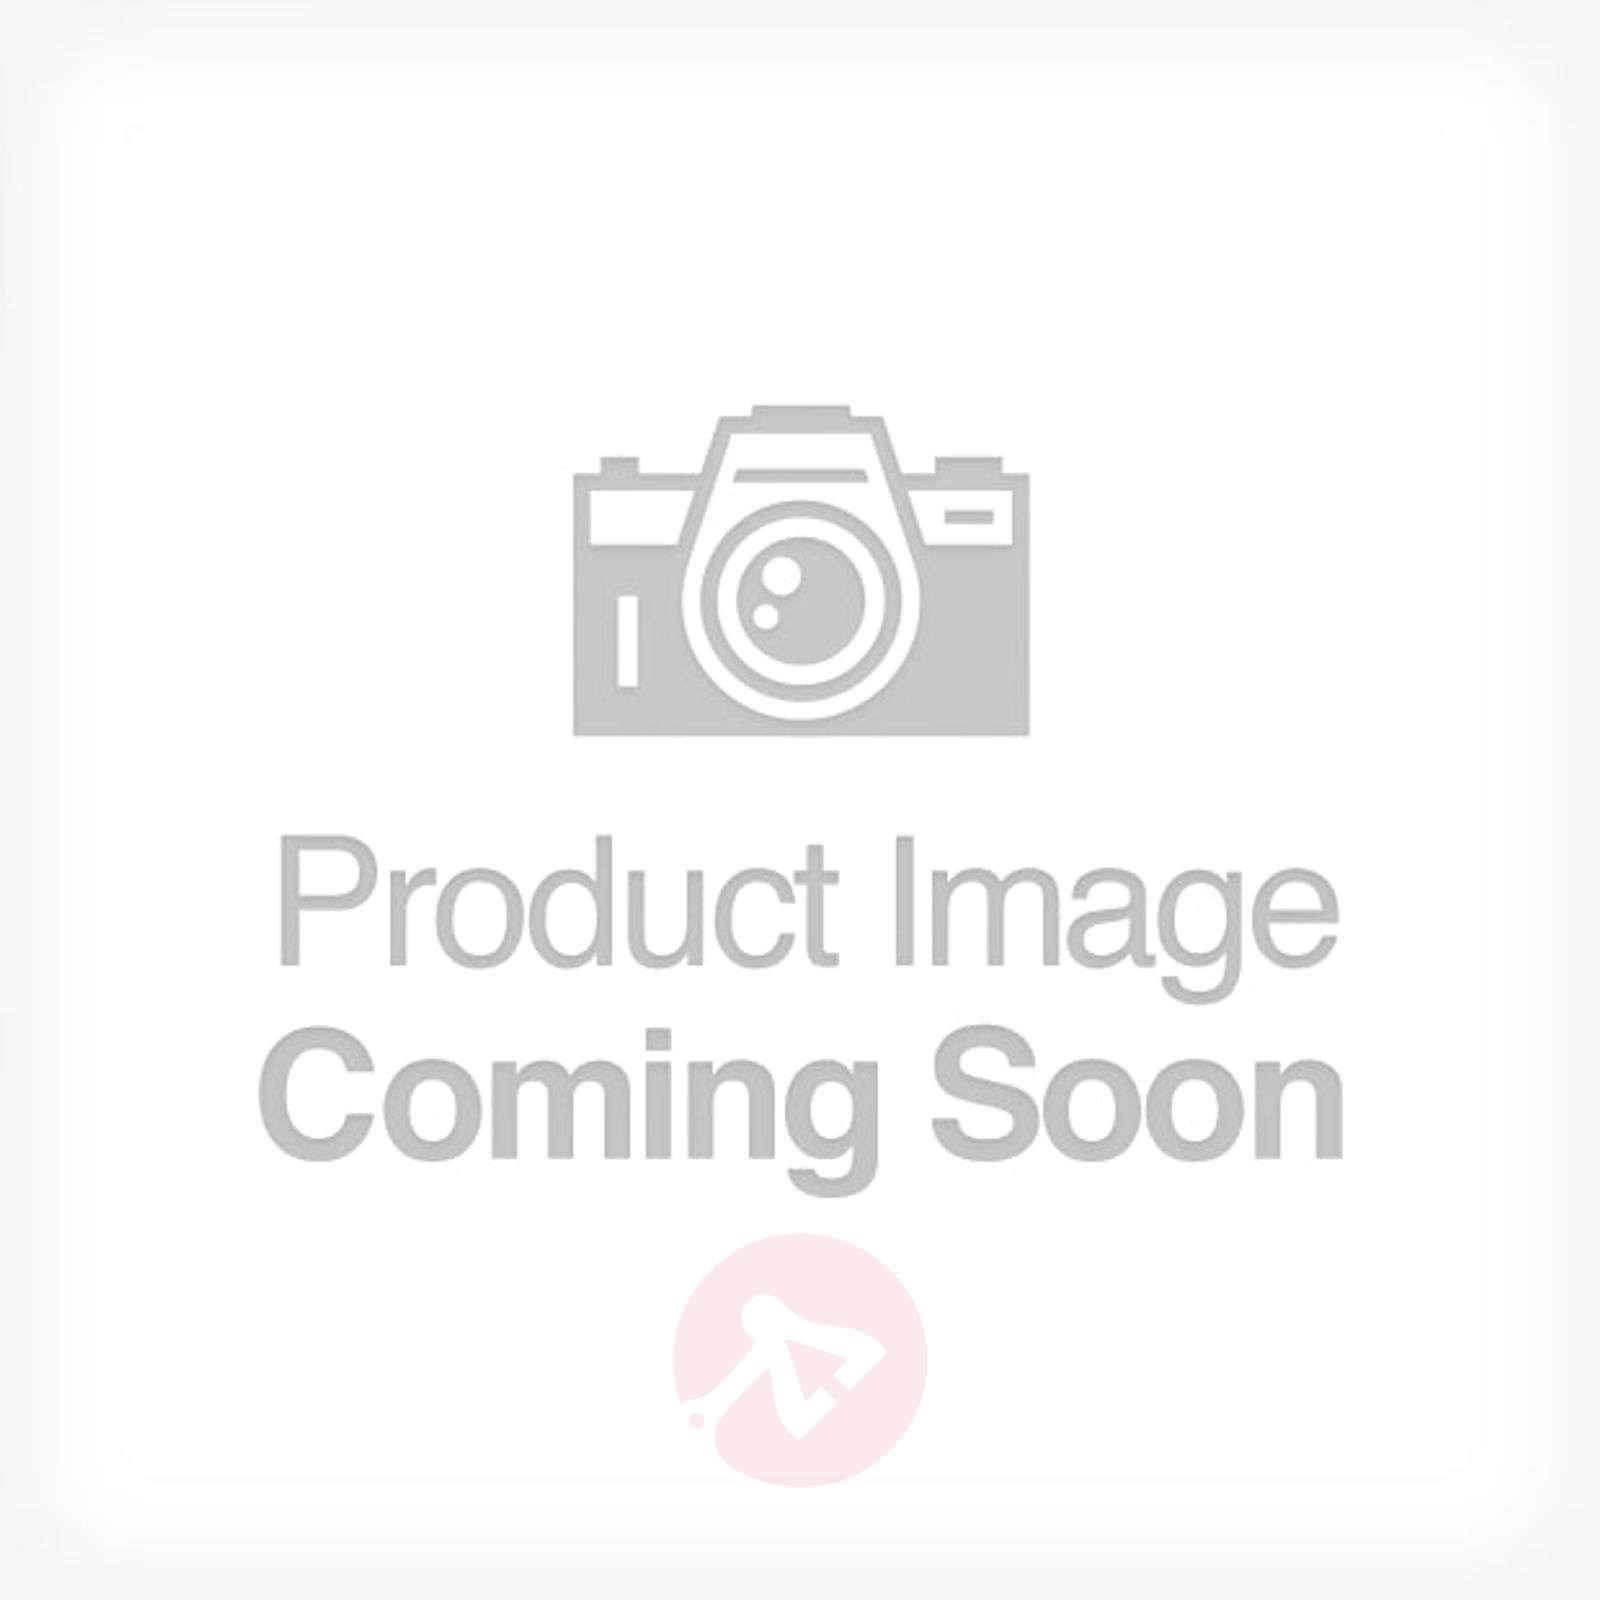 LED-lattiavalaisin Fluente lukuvalolla-4581602-01